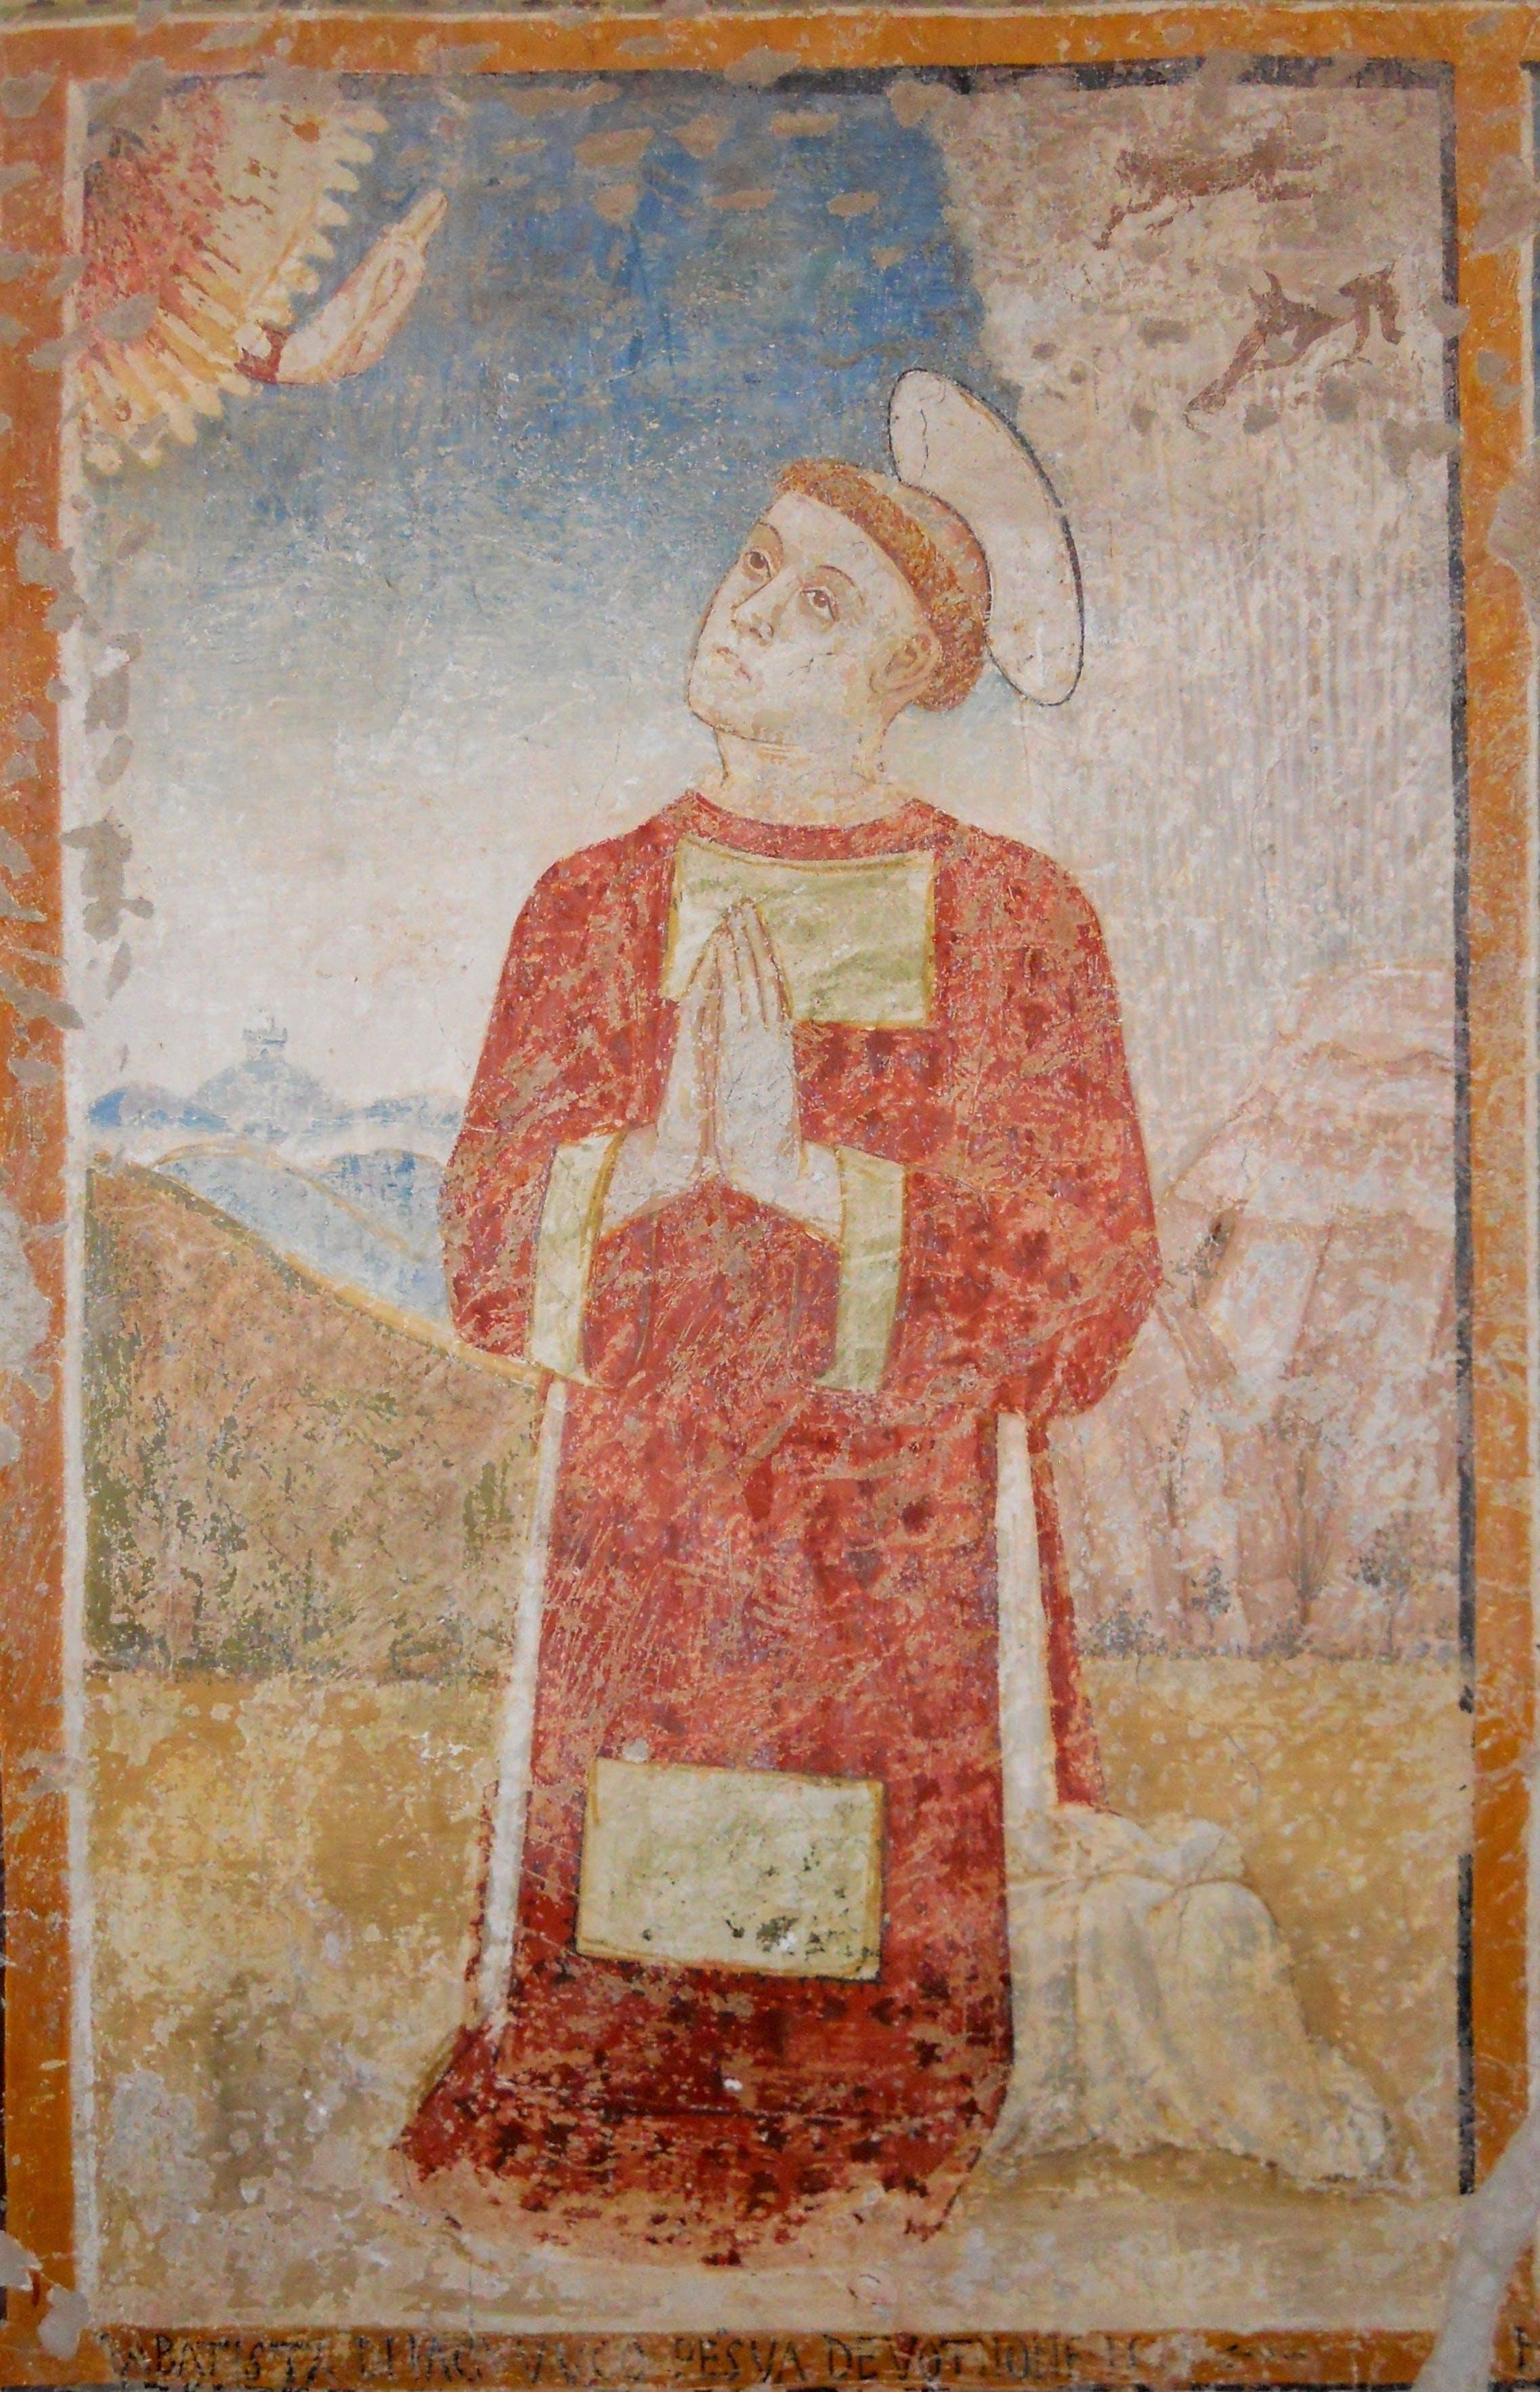 1549_chiesa-di-san-bartolomeo-alle-piagg